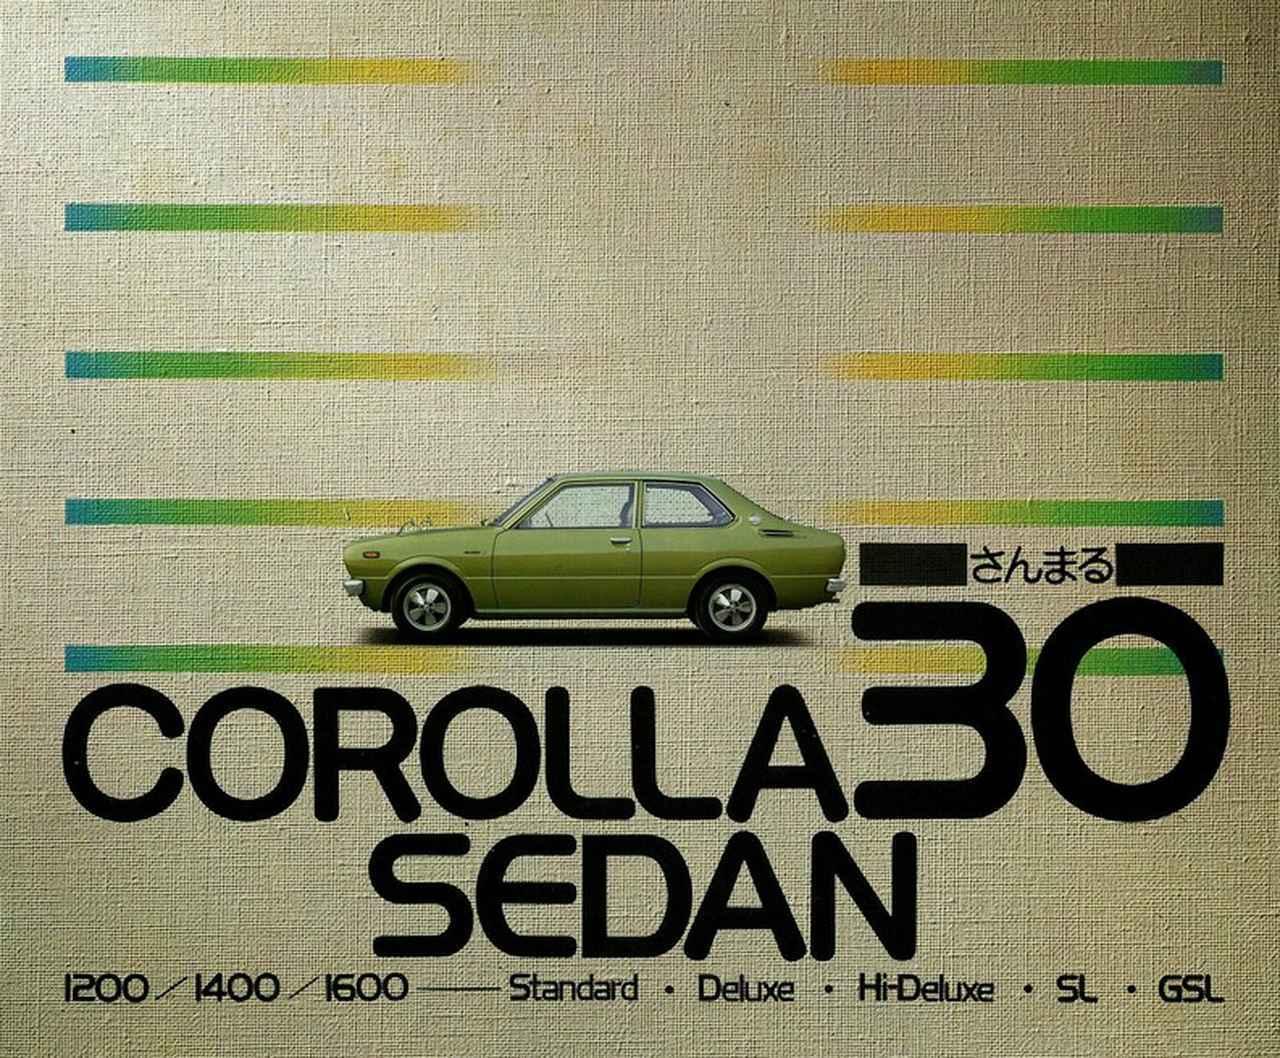 Images : 7番目の画像 - 「【今日は何の日?】3代目カローラ/スプリンター発表「その名を不動のものにしたベストセラーカー」45年前 1974年4月26日」のアルバム - Webモーターマガジン